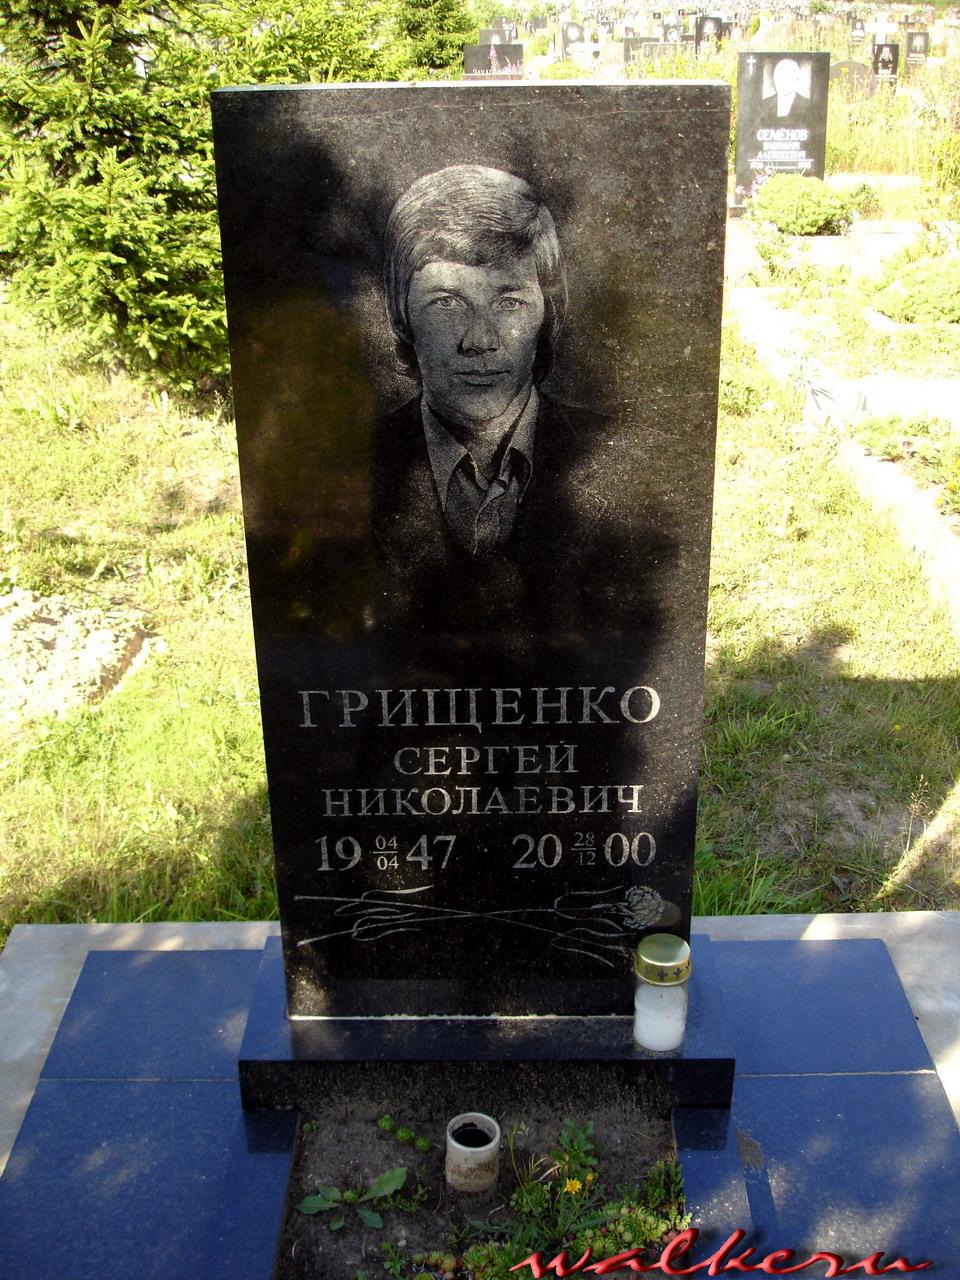 Могила Грищенко С.Н. на Кузьмоловском кладбище